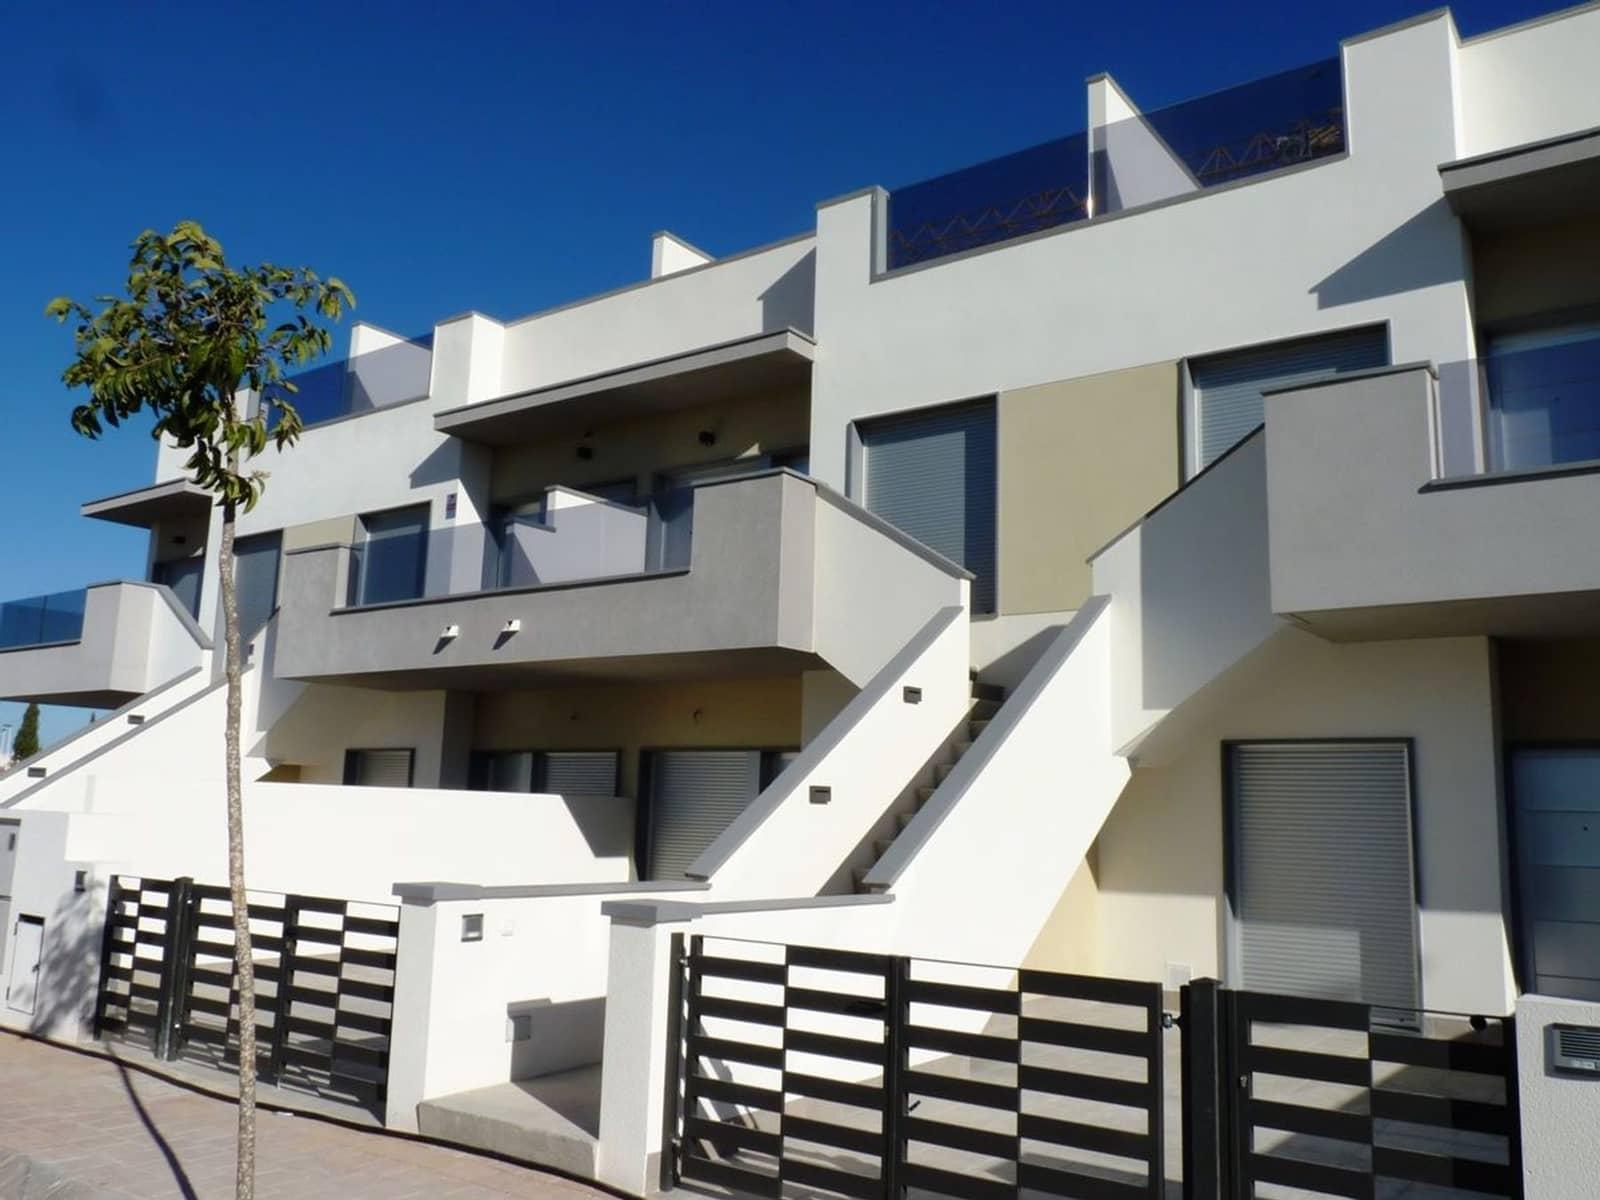 Apartamento de 2 habitaciones en Pilar de la Horadada en venta con piscina - 144.000 € (Ref: 5011839)